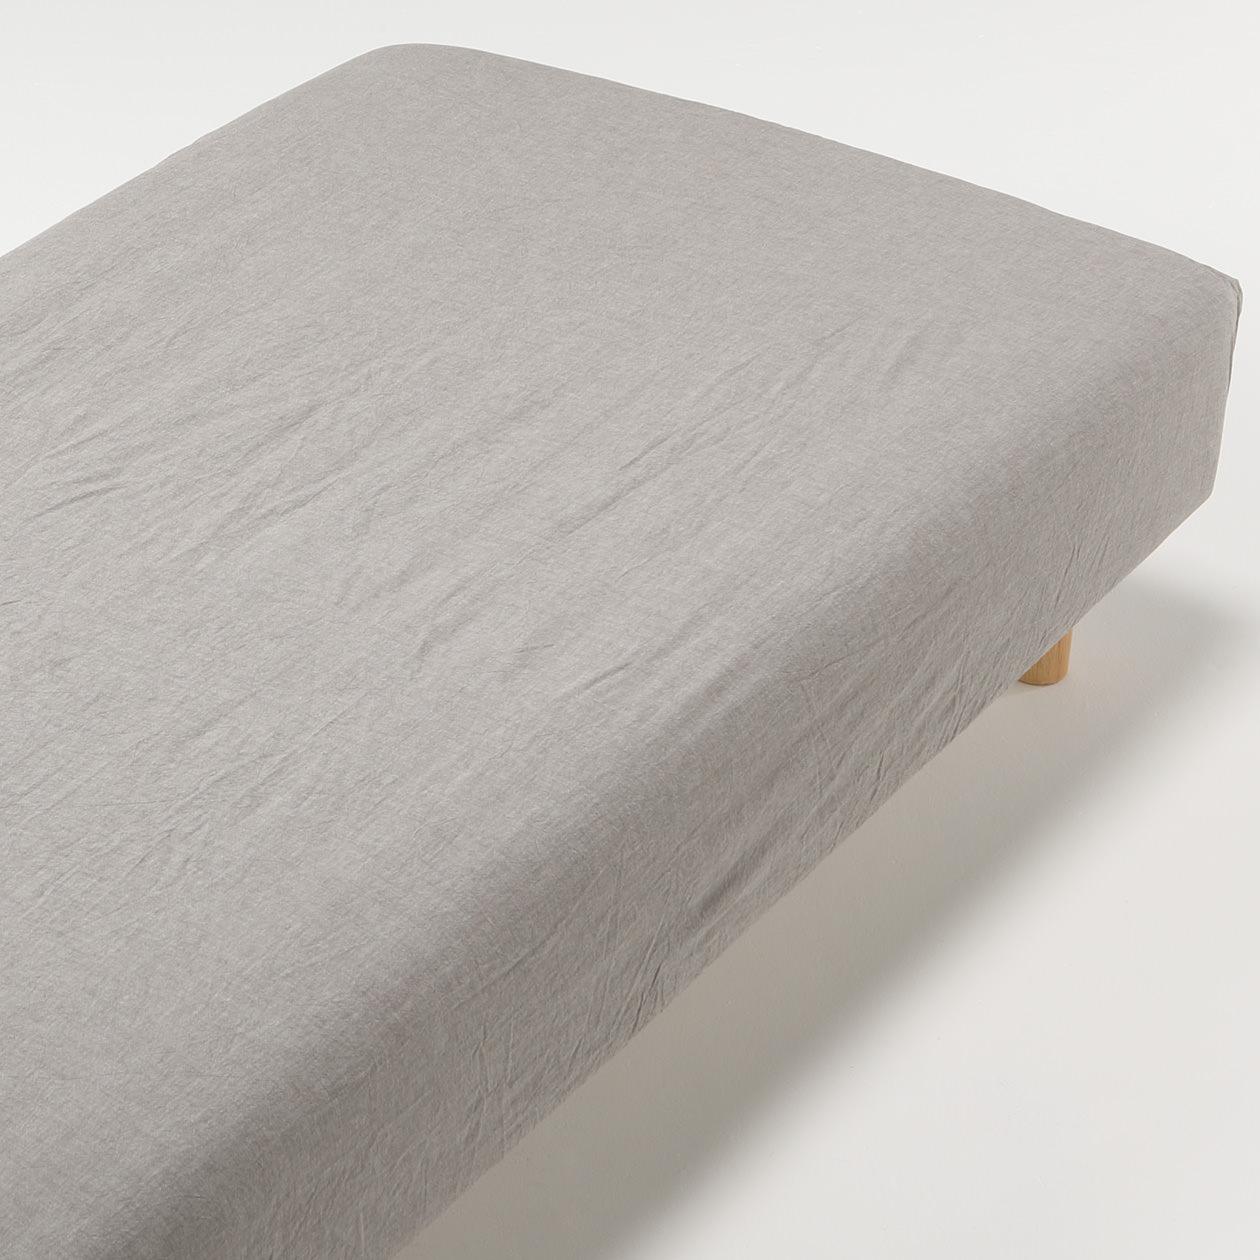 無印良品の寝具、ボックスシーツ3種類を比較_オーガニックコットン洗いざらしボックスシーツ